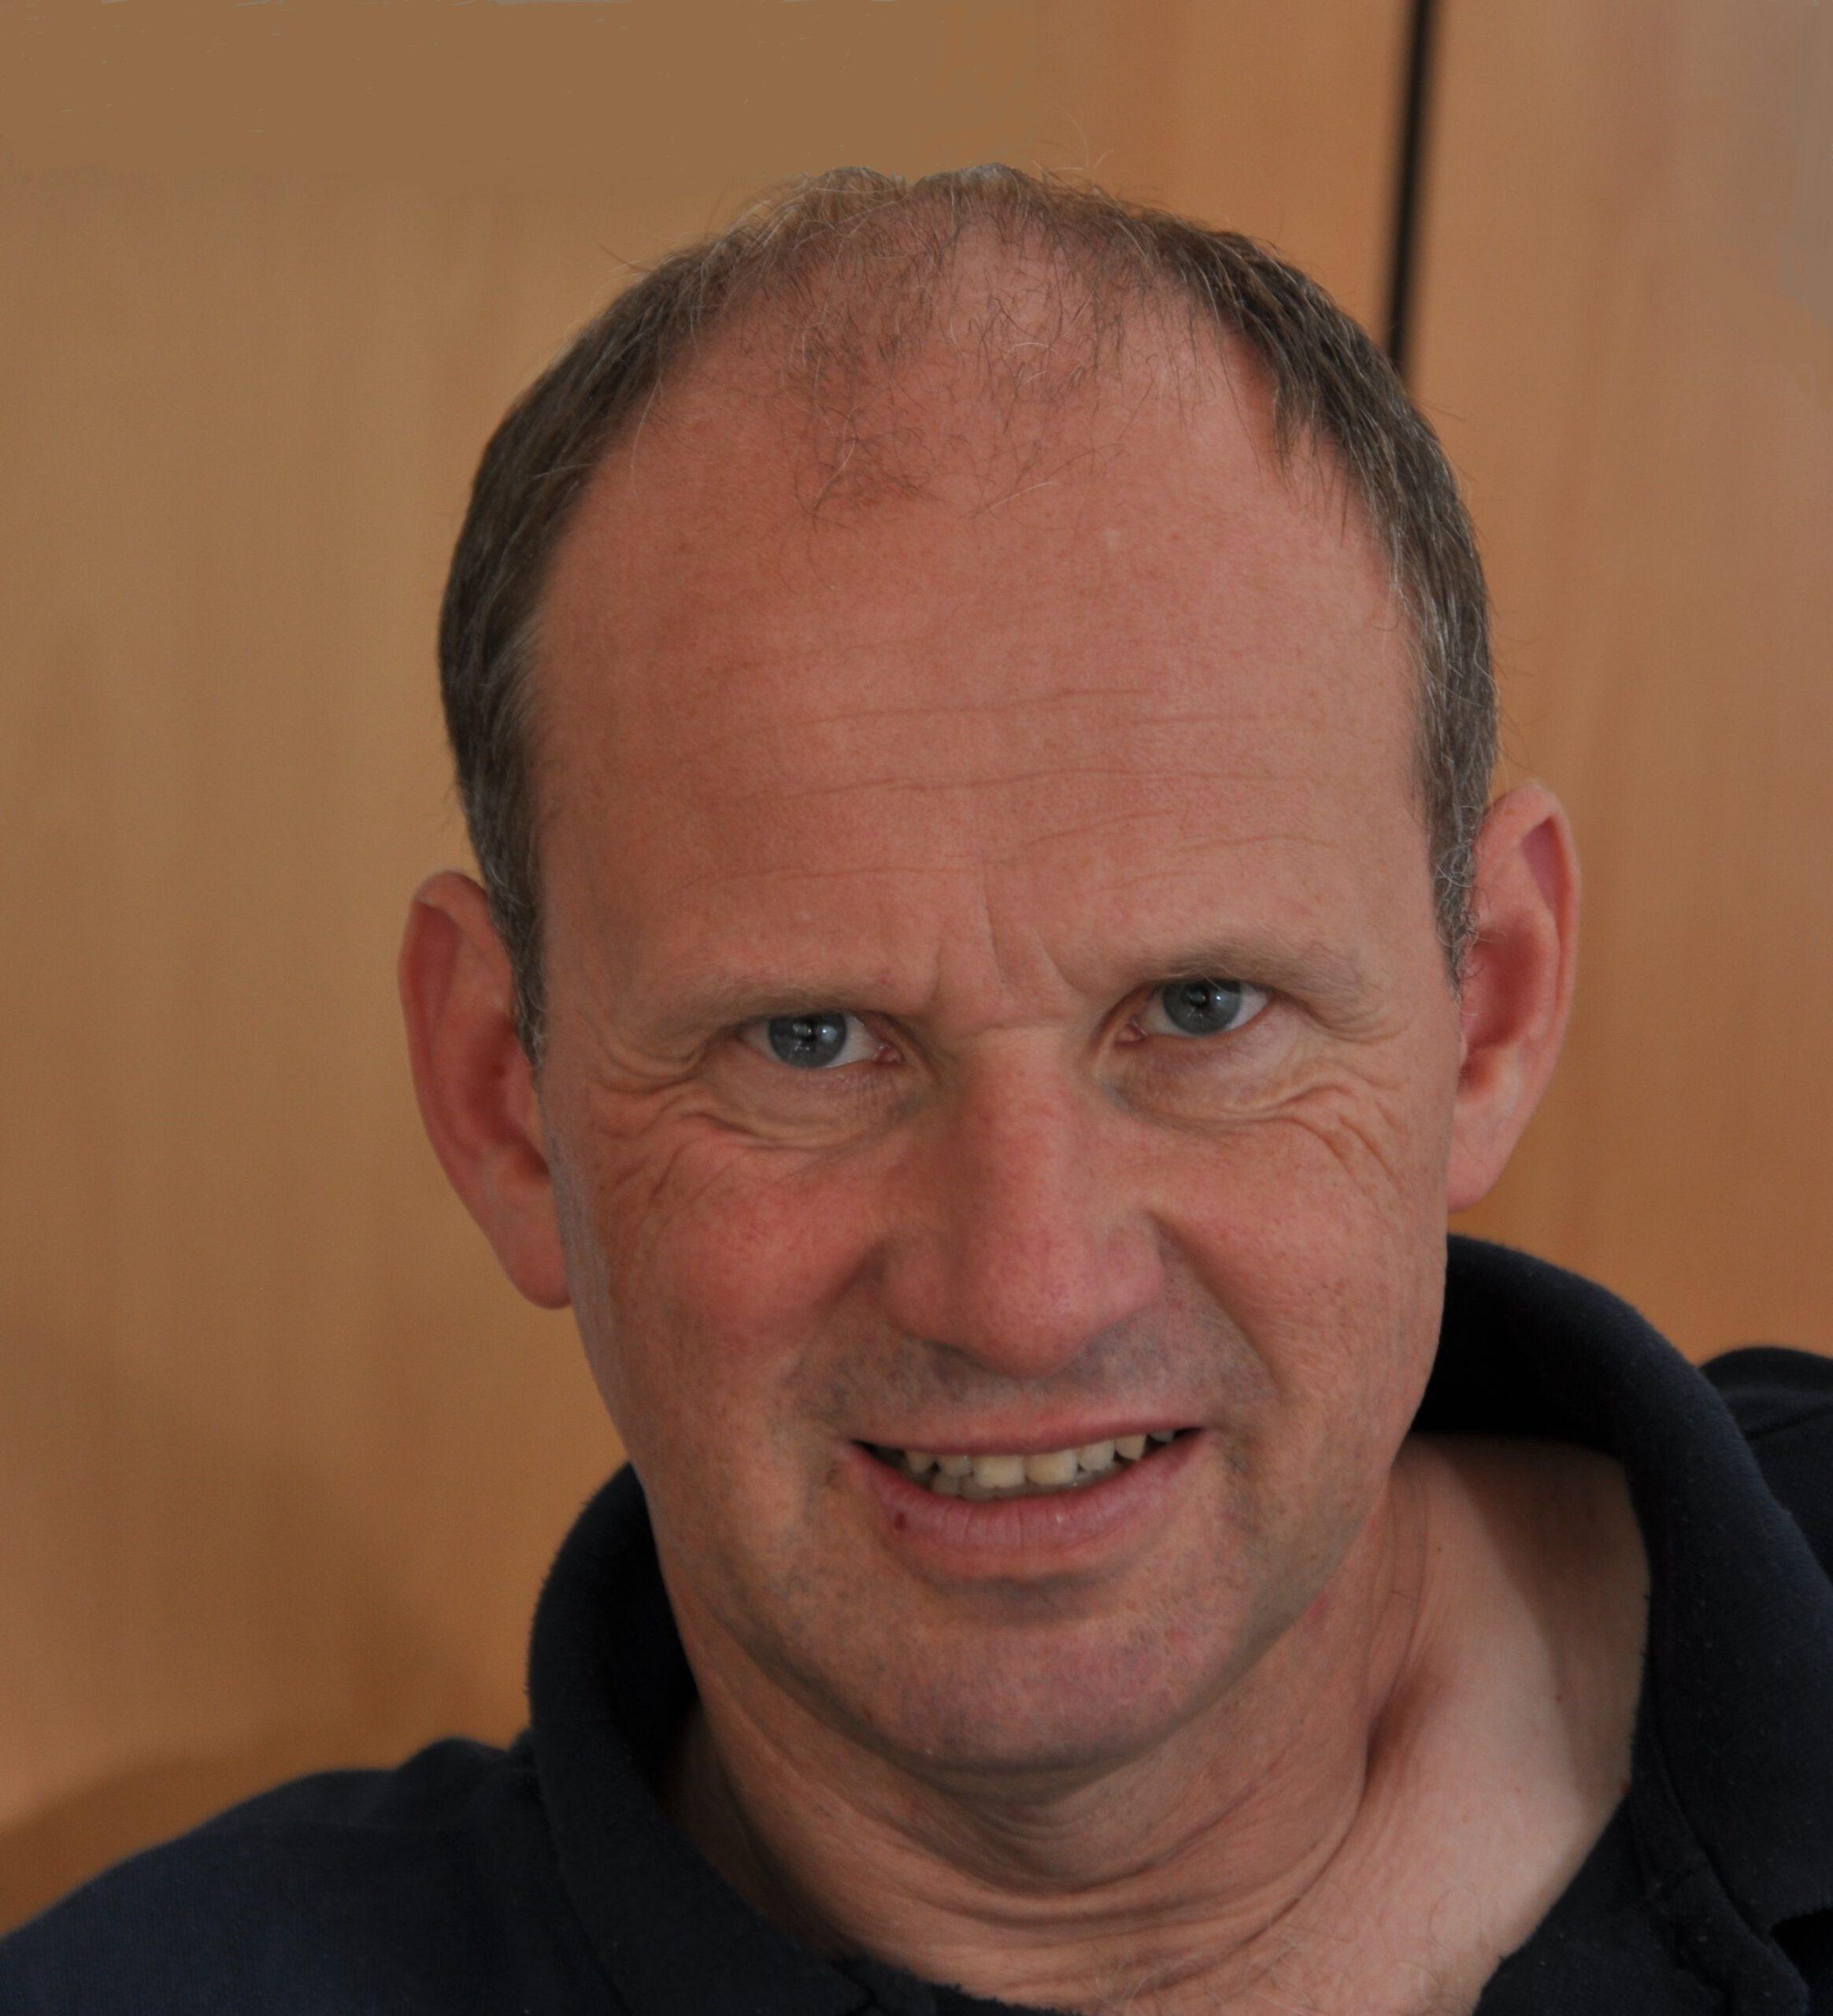 Matthias Gahlen